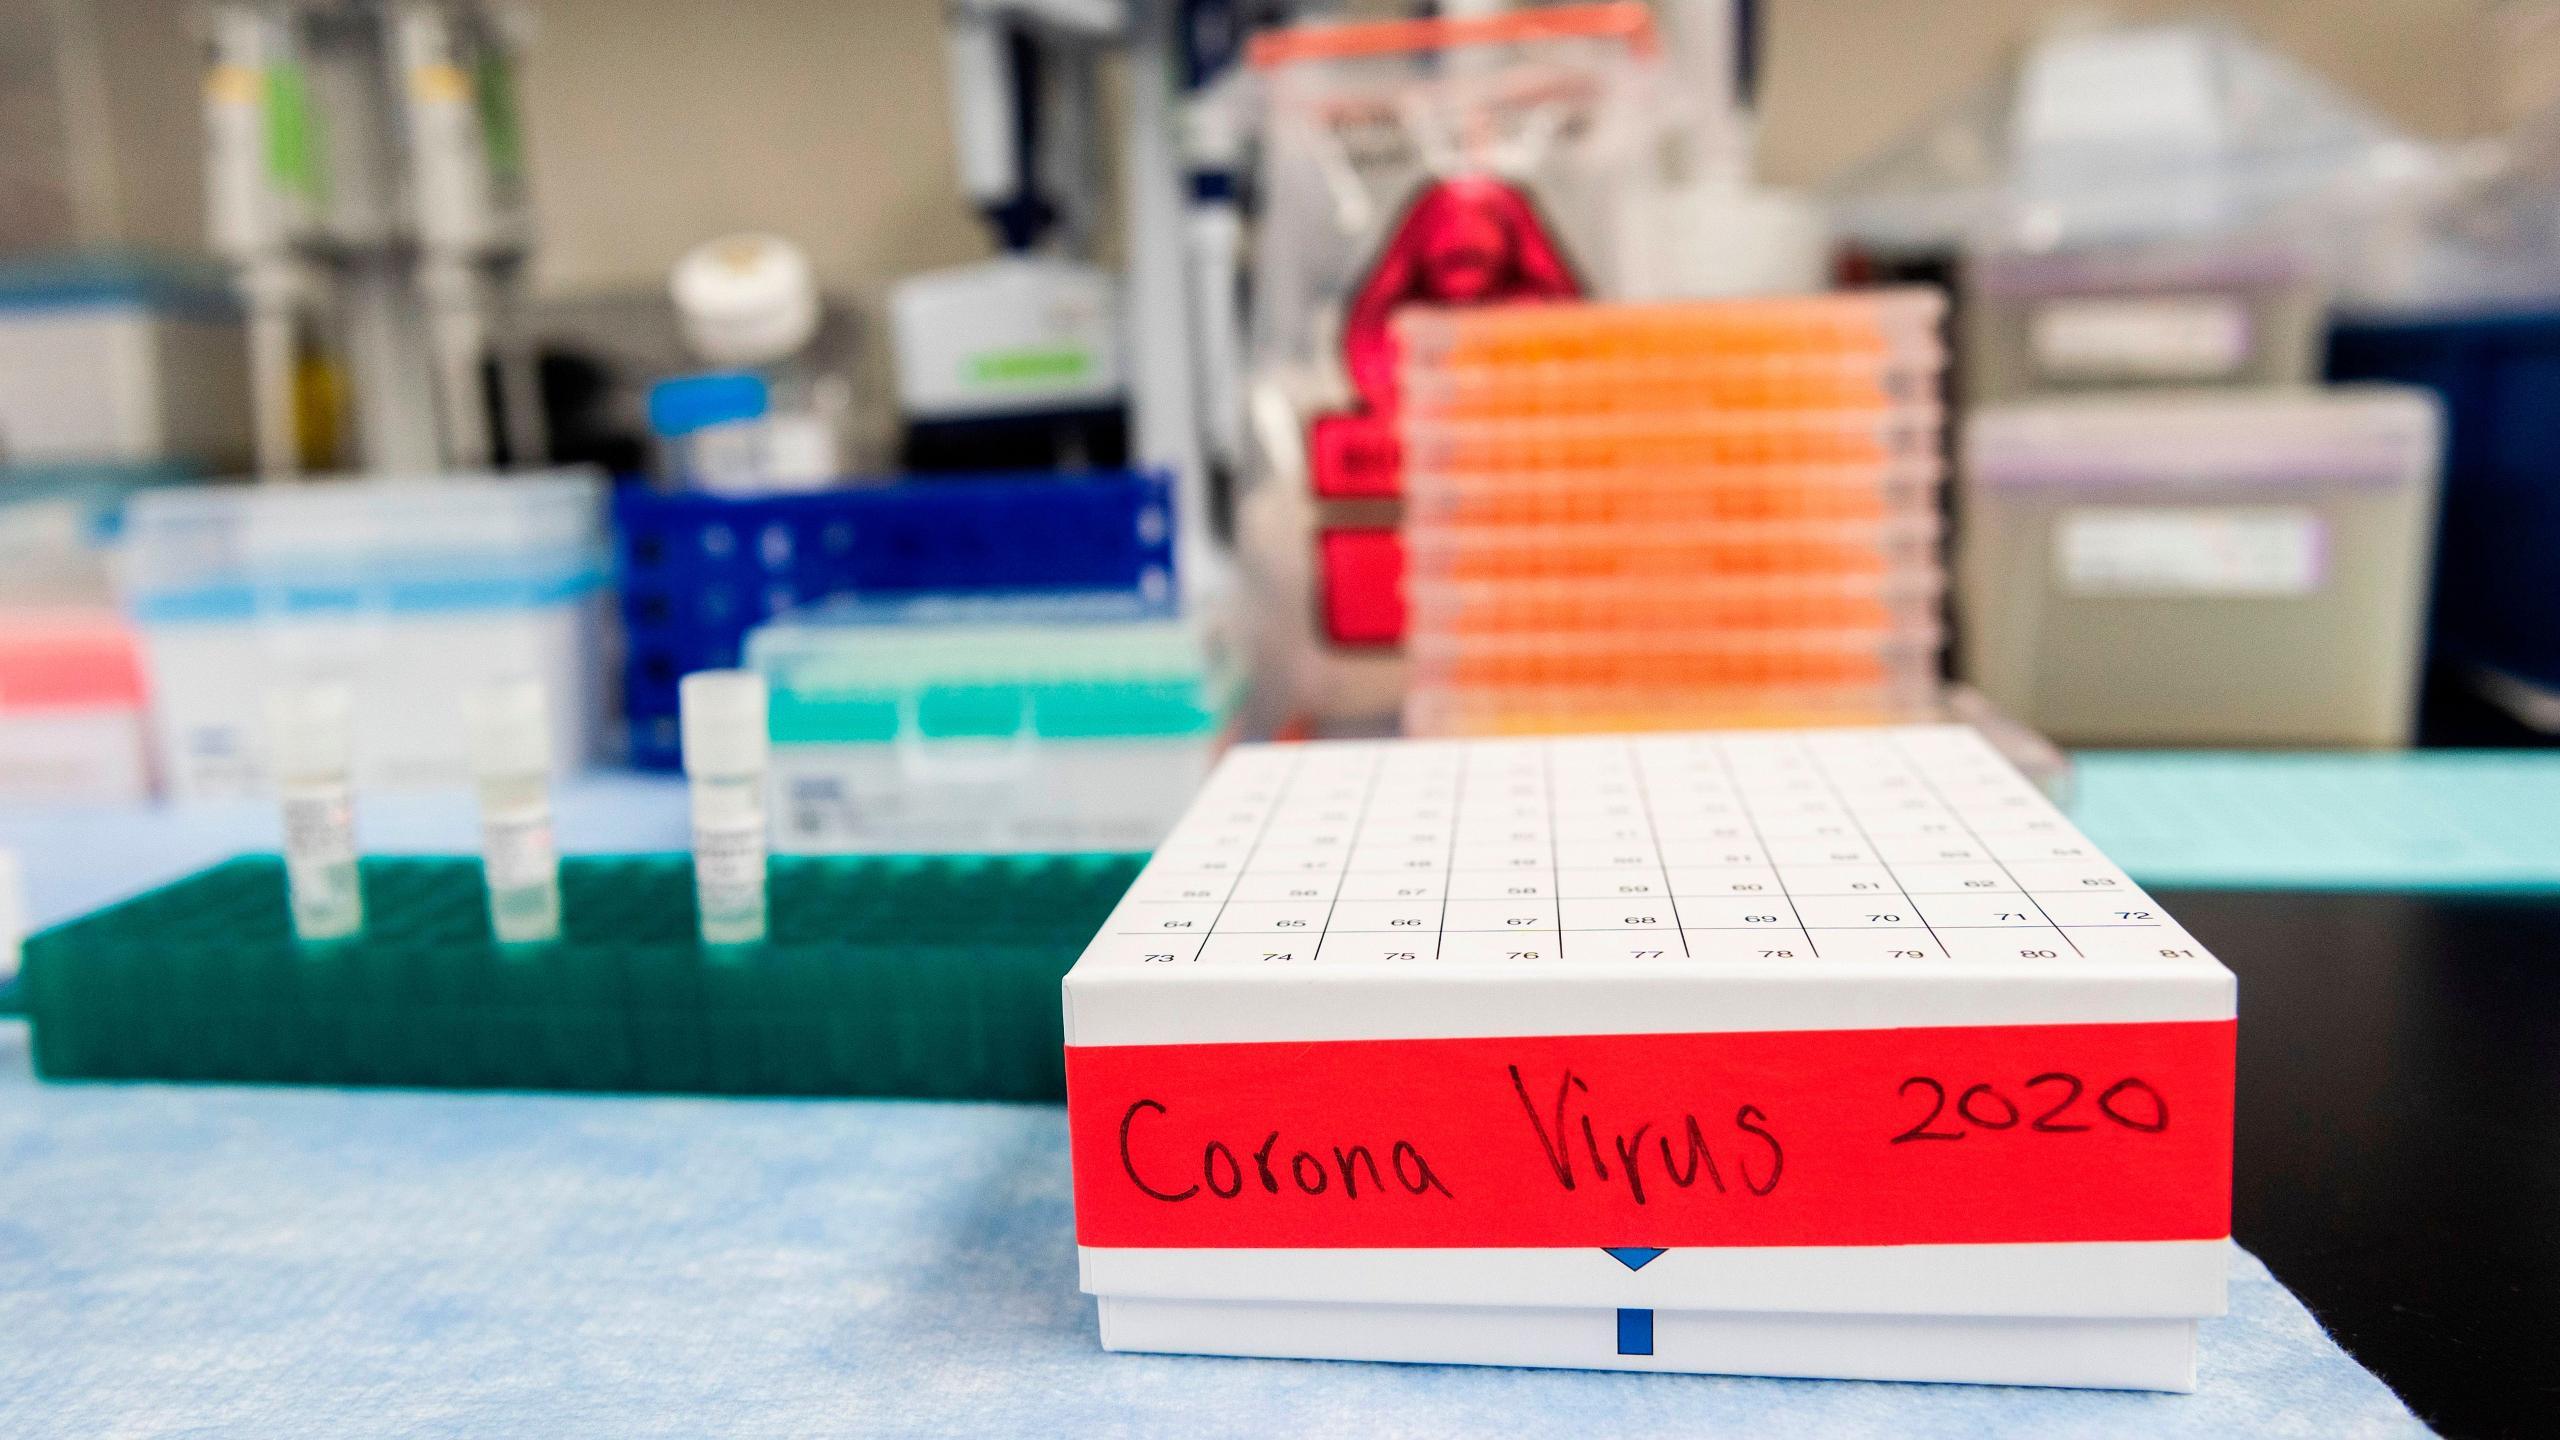 Ученые описали спектр иммунных реакций пациентов, которые вылечились от Covid-19